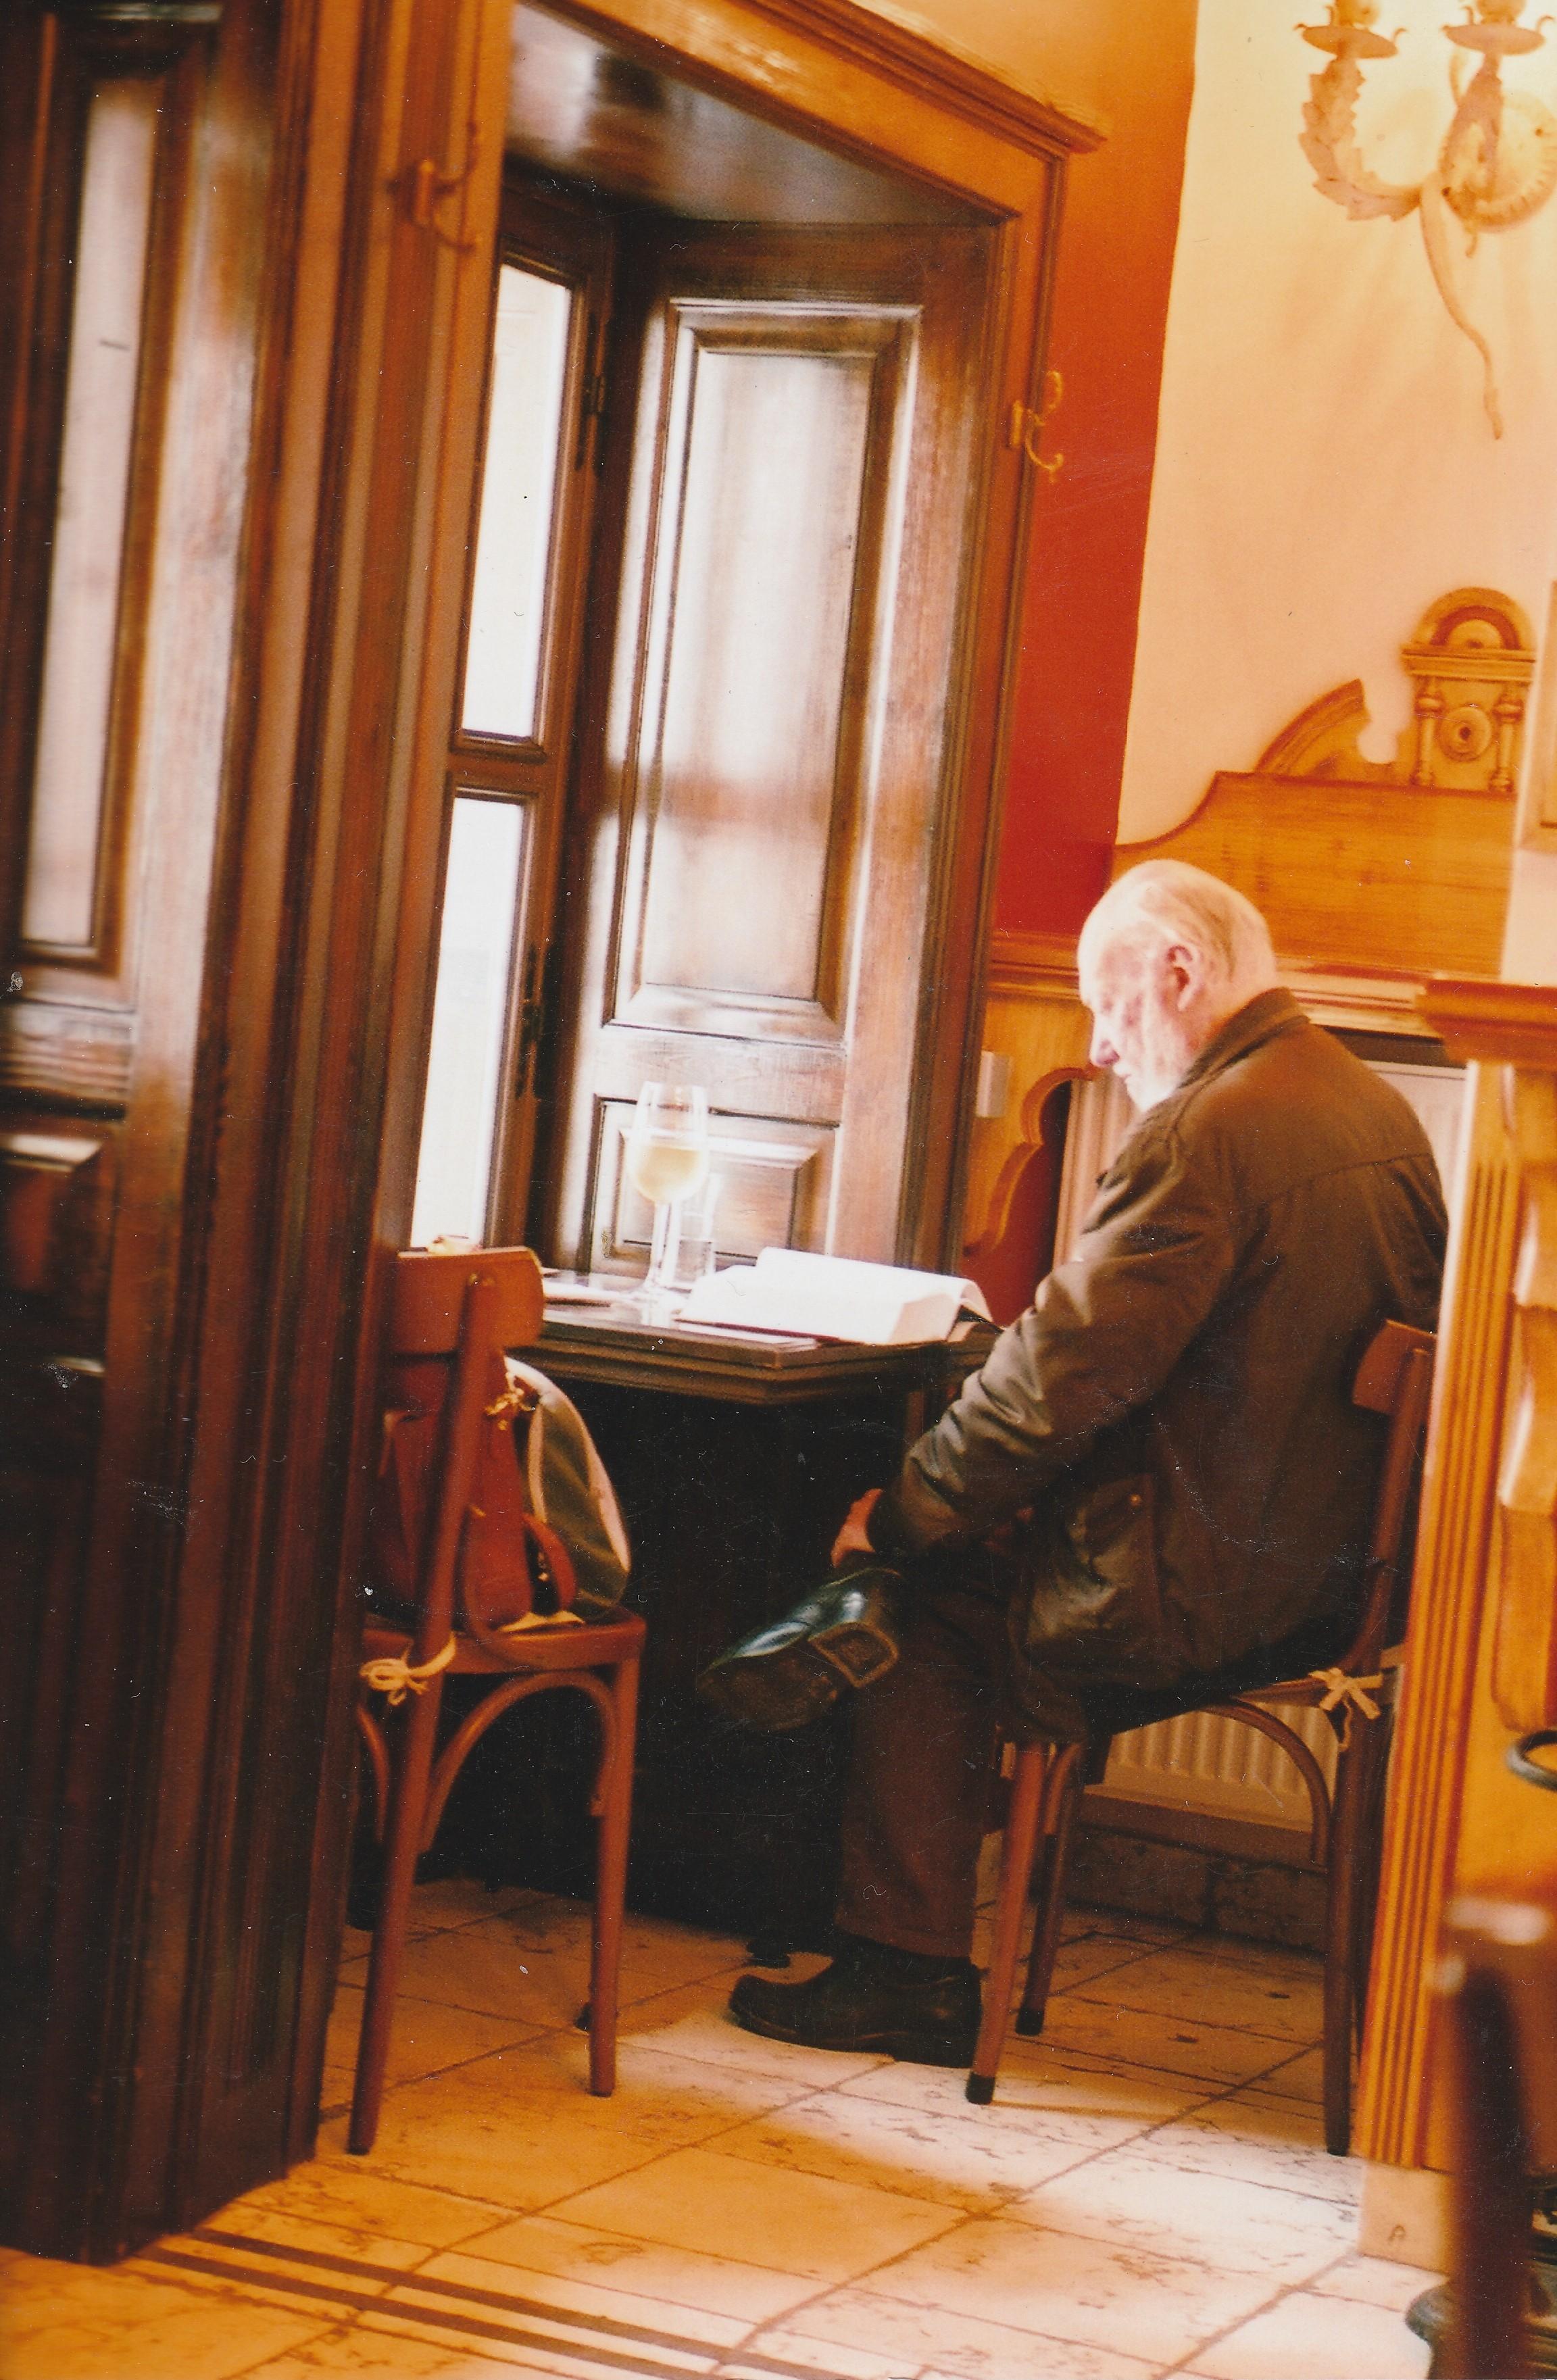 Slovenie lecture de paix